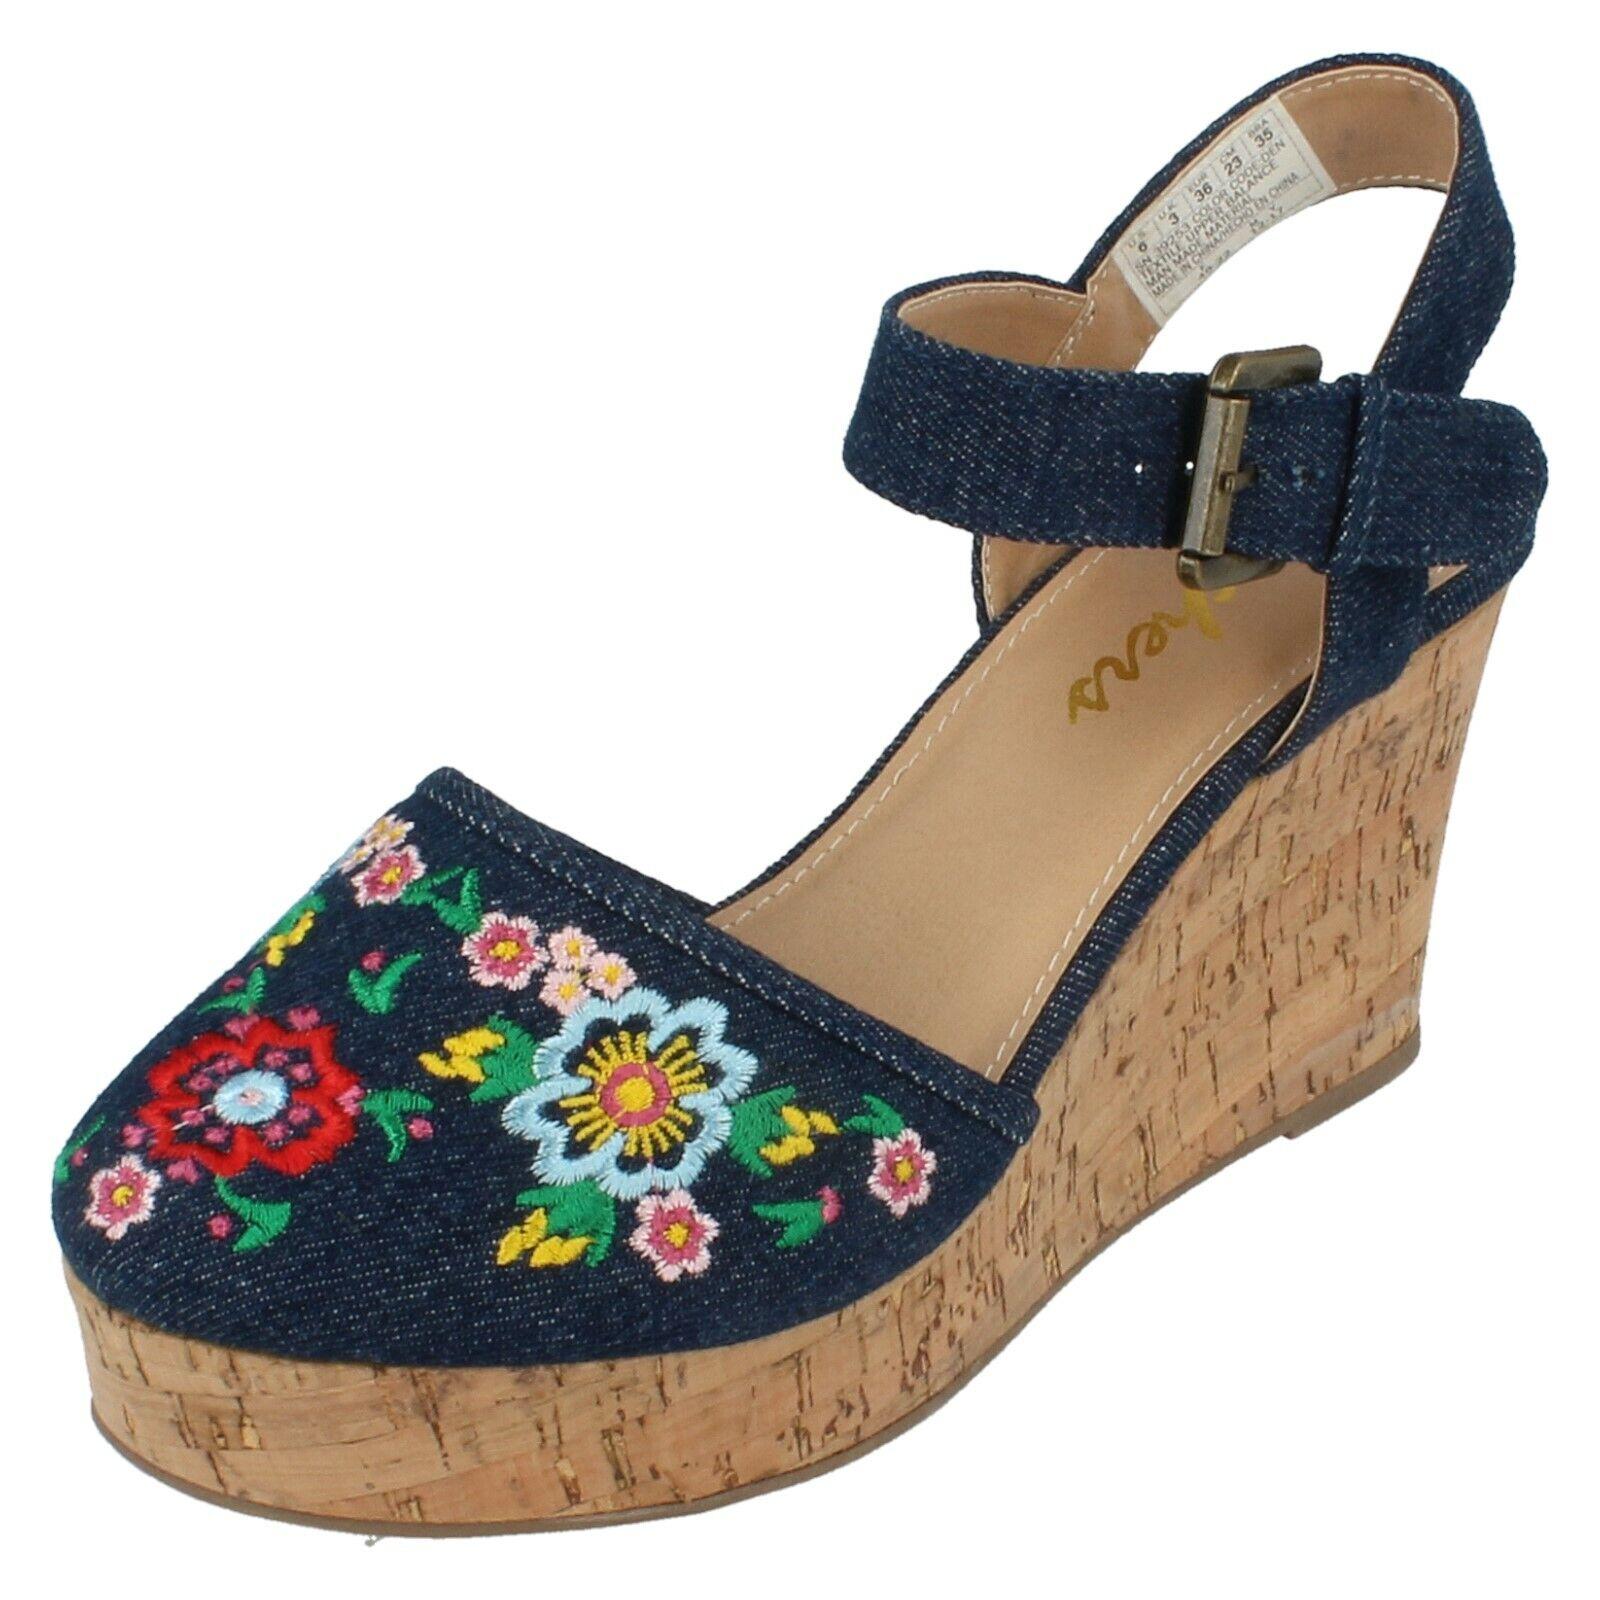 Ladies Flower Angel/39253 Closed Toe Wedge Sandals By Skechers Retail Price